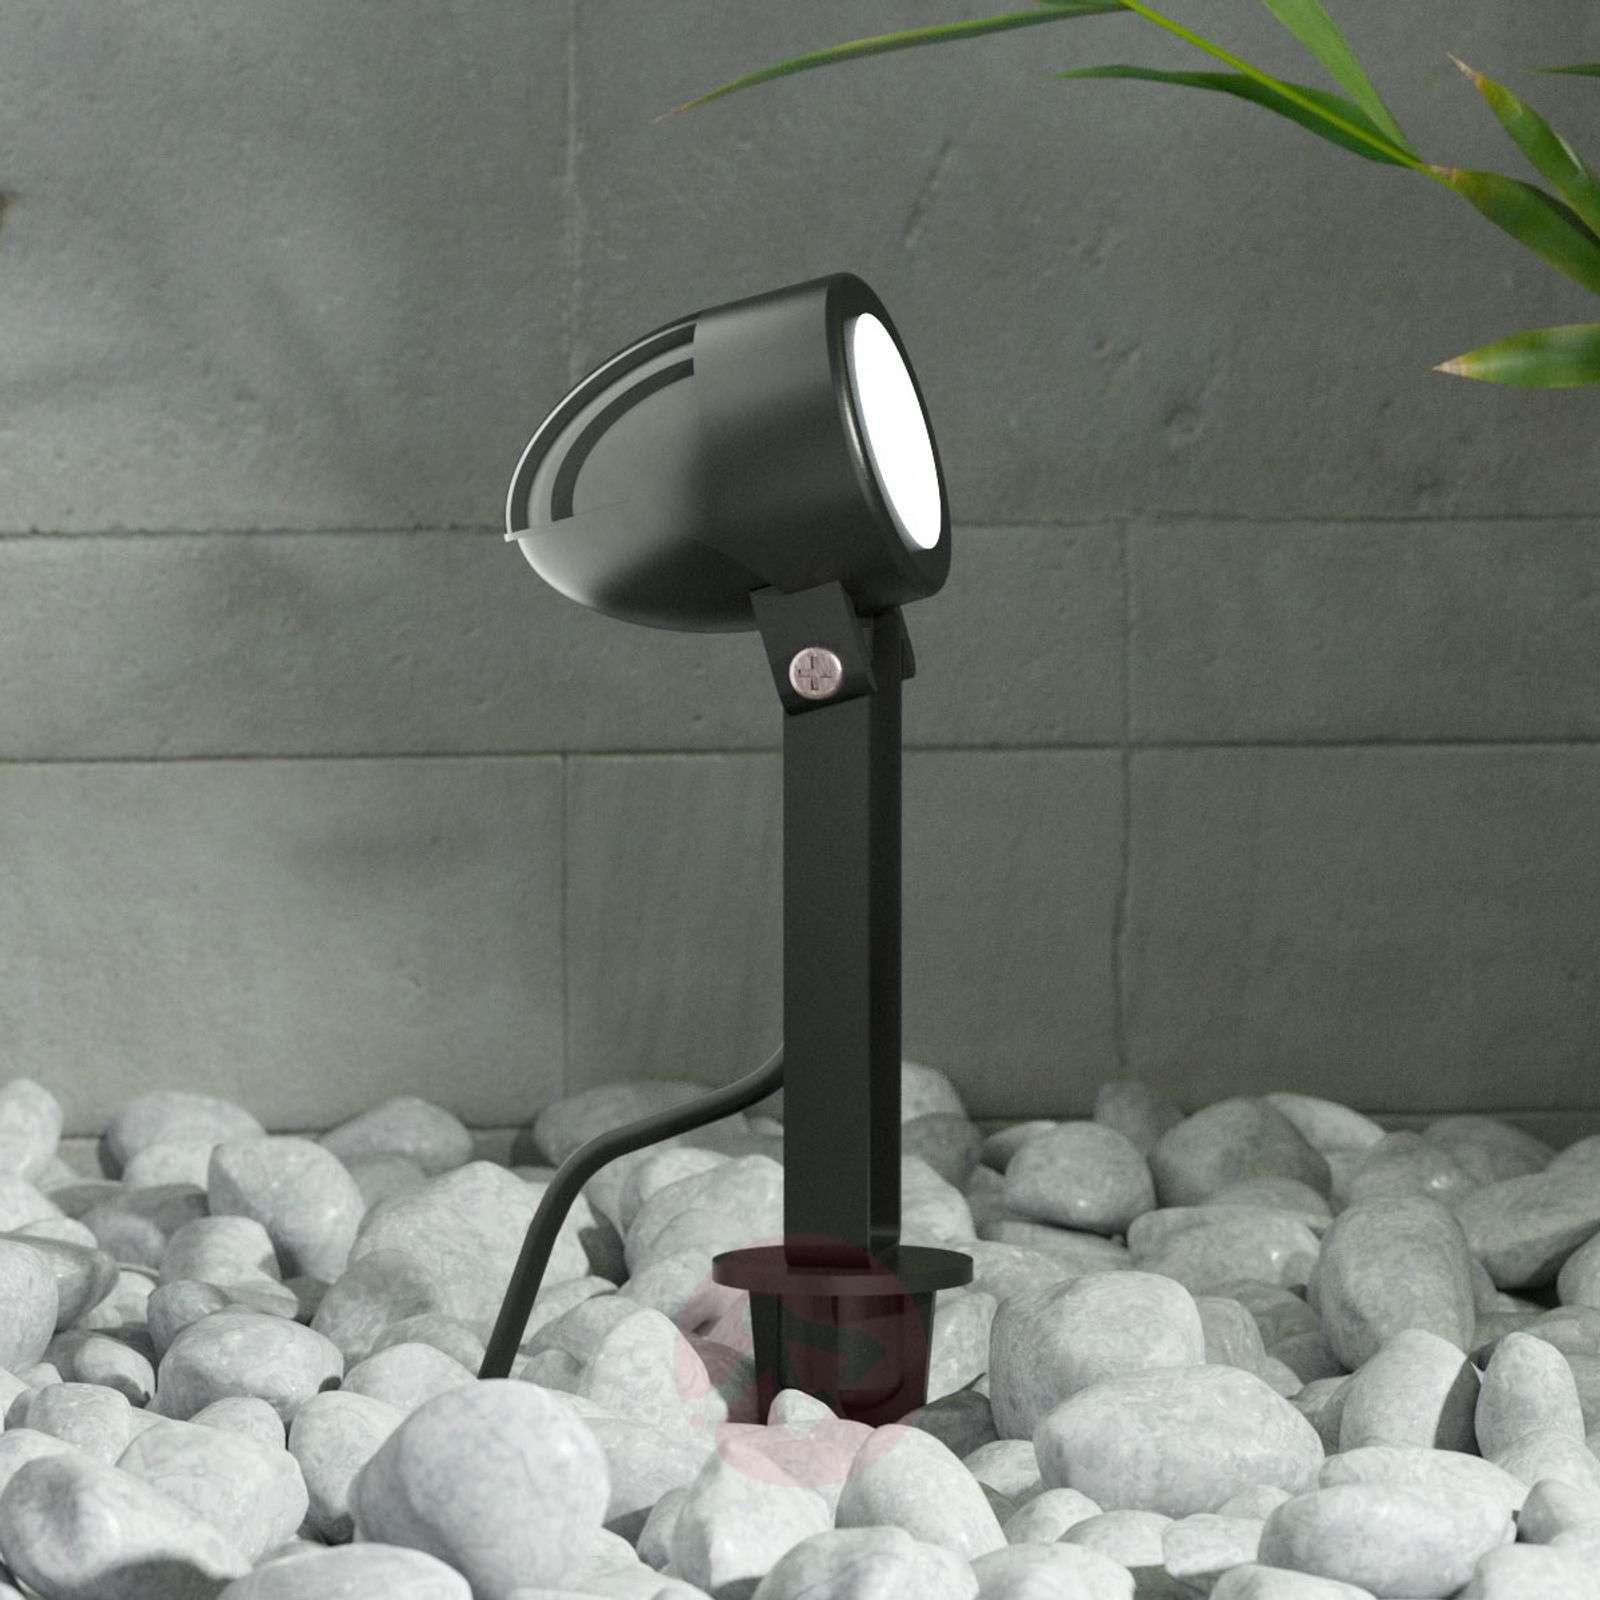 Timko-musta LED-maapiikkikohdevalaisin, IP65-9934012-02